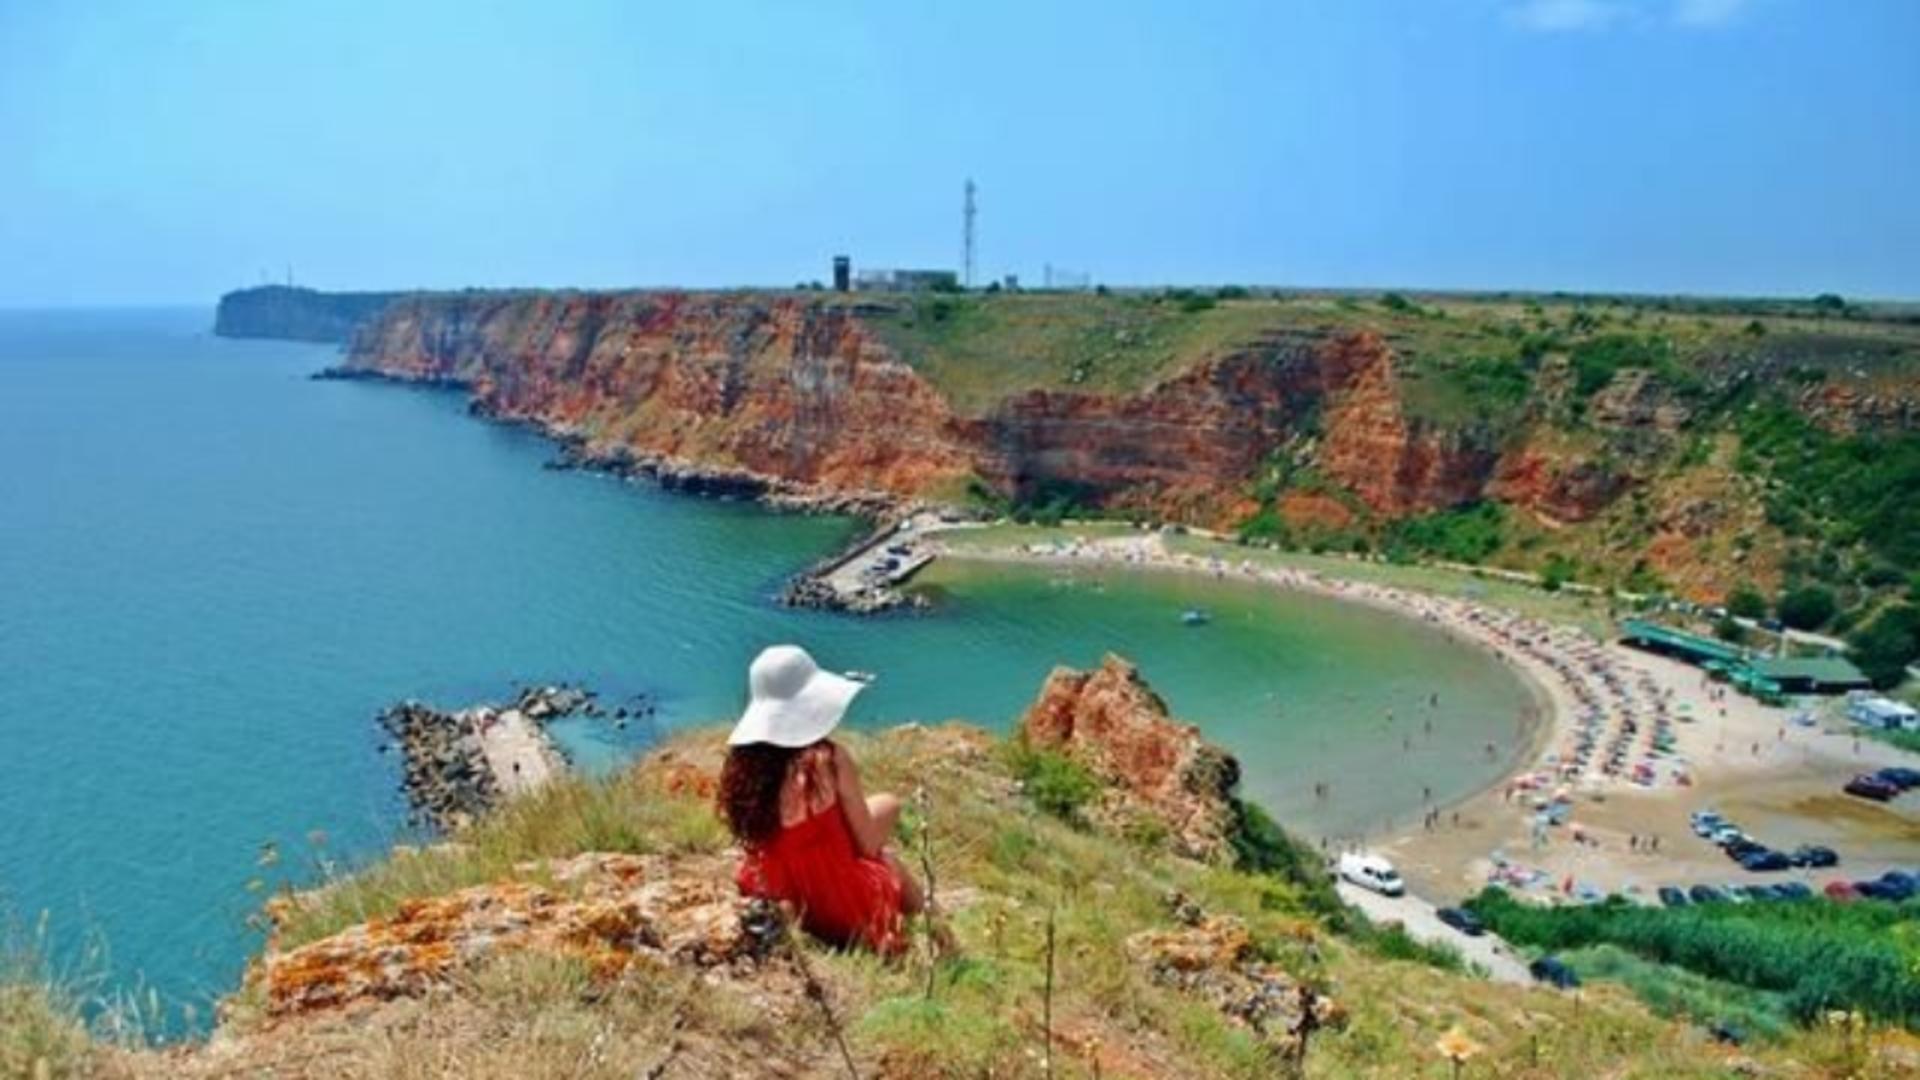 S-a dat startul distracției în Bulgaria - Plajele au fost larg deschise pentru turiști